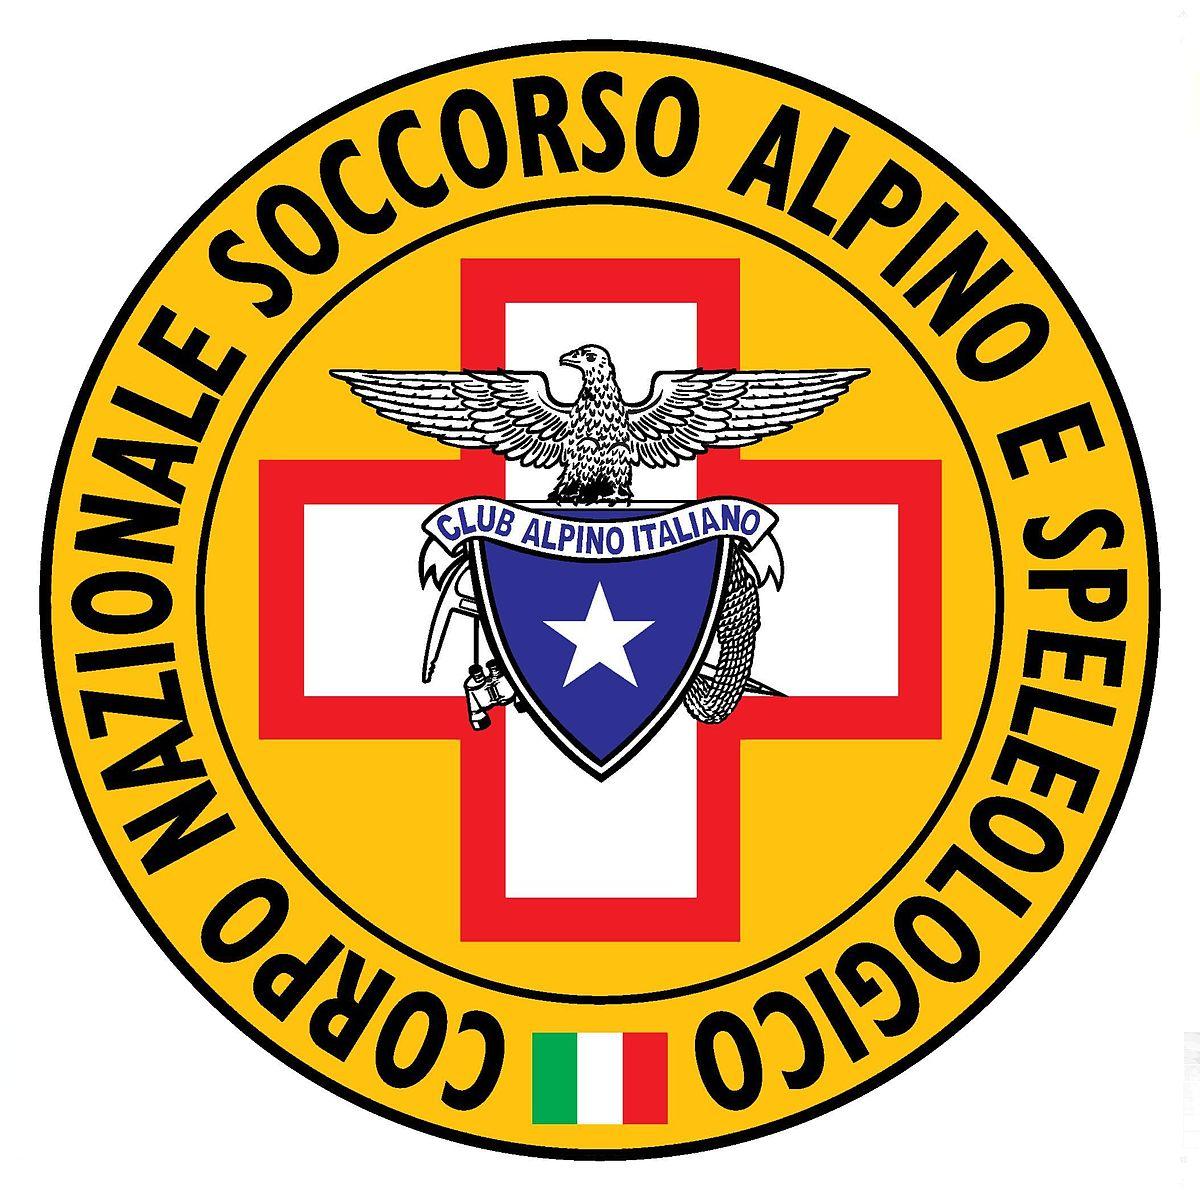 Stemma_Corpo_nazionale_soccorso_alpino_e_speleologico